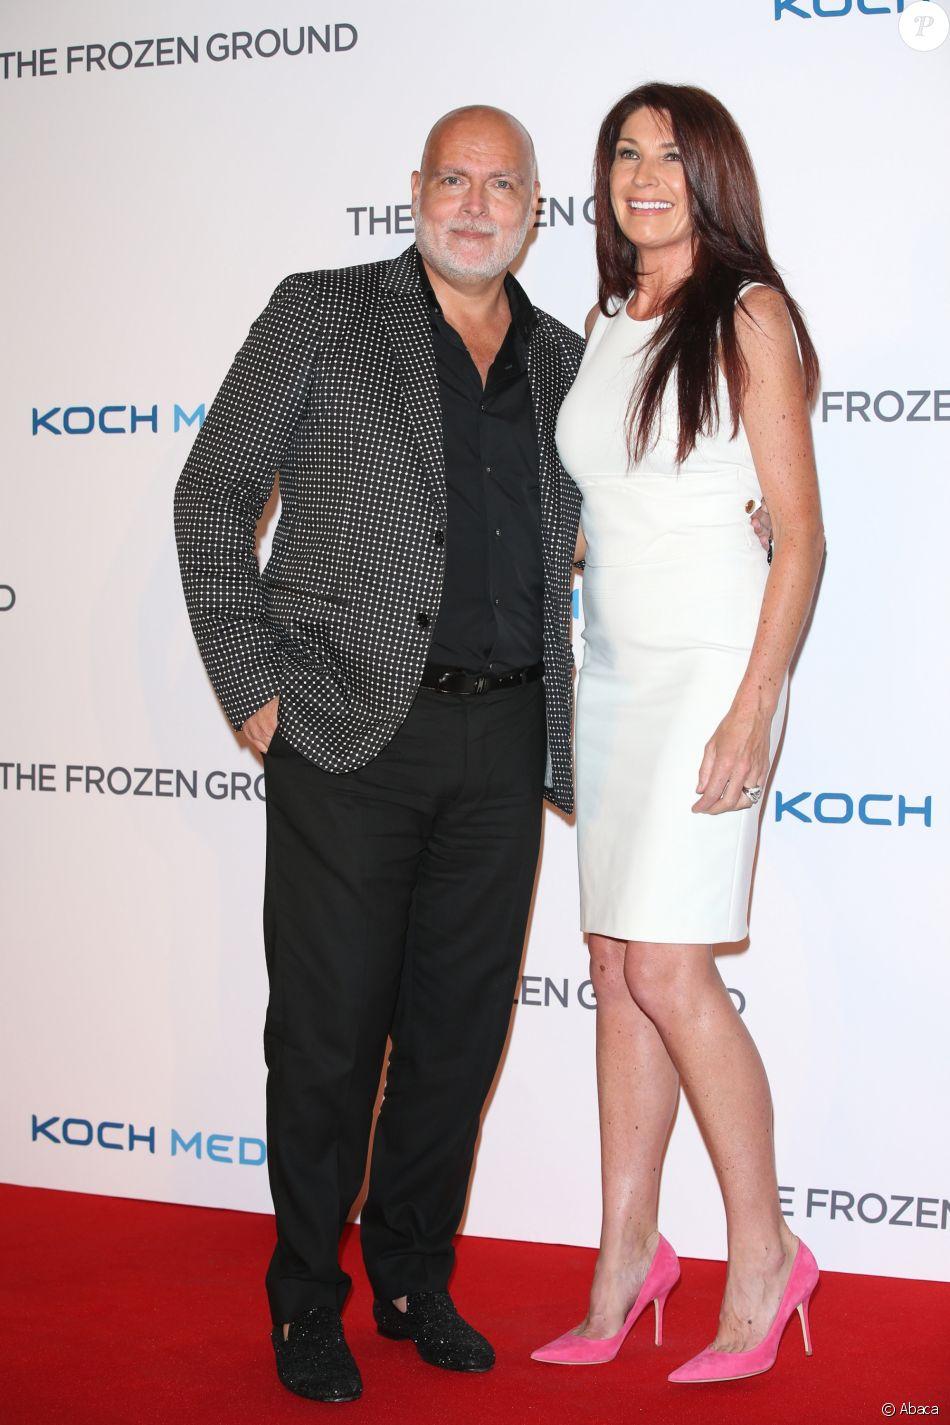 Gary Goldsmith, oncle de Kate Middleton, et sa femme Julie-Ann lors d'une avant-première à Londres en juillet 2013.